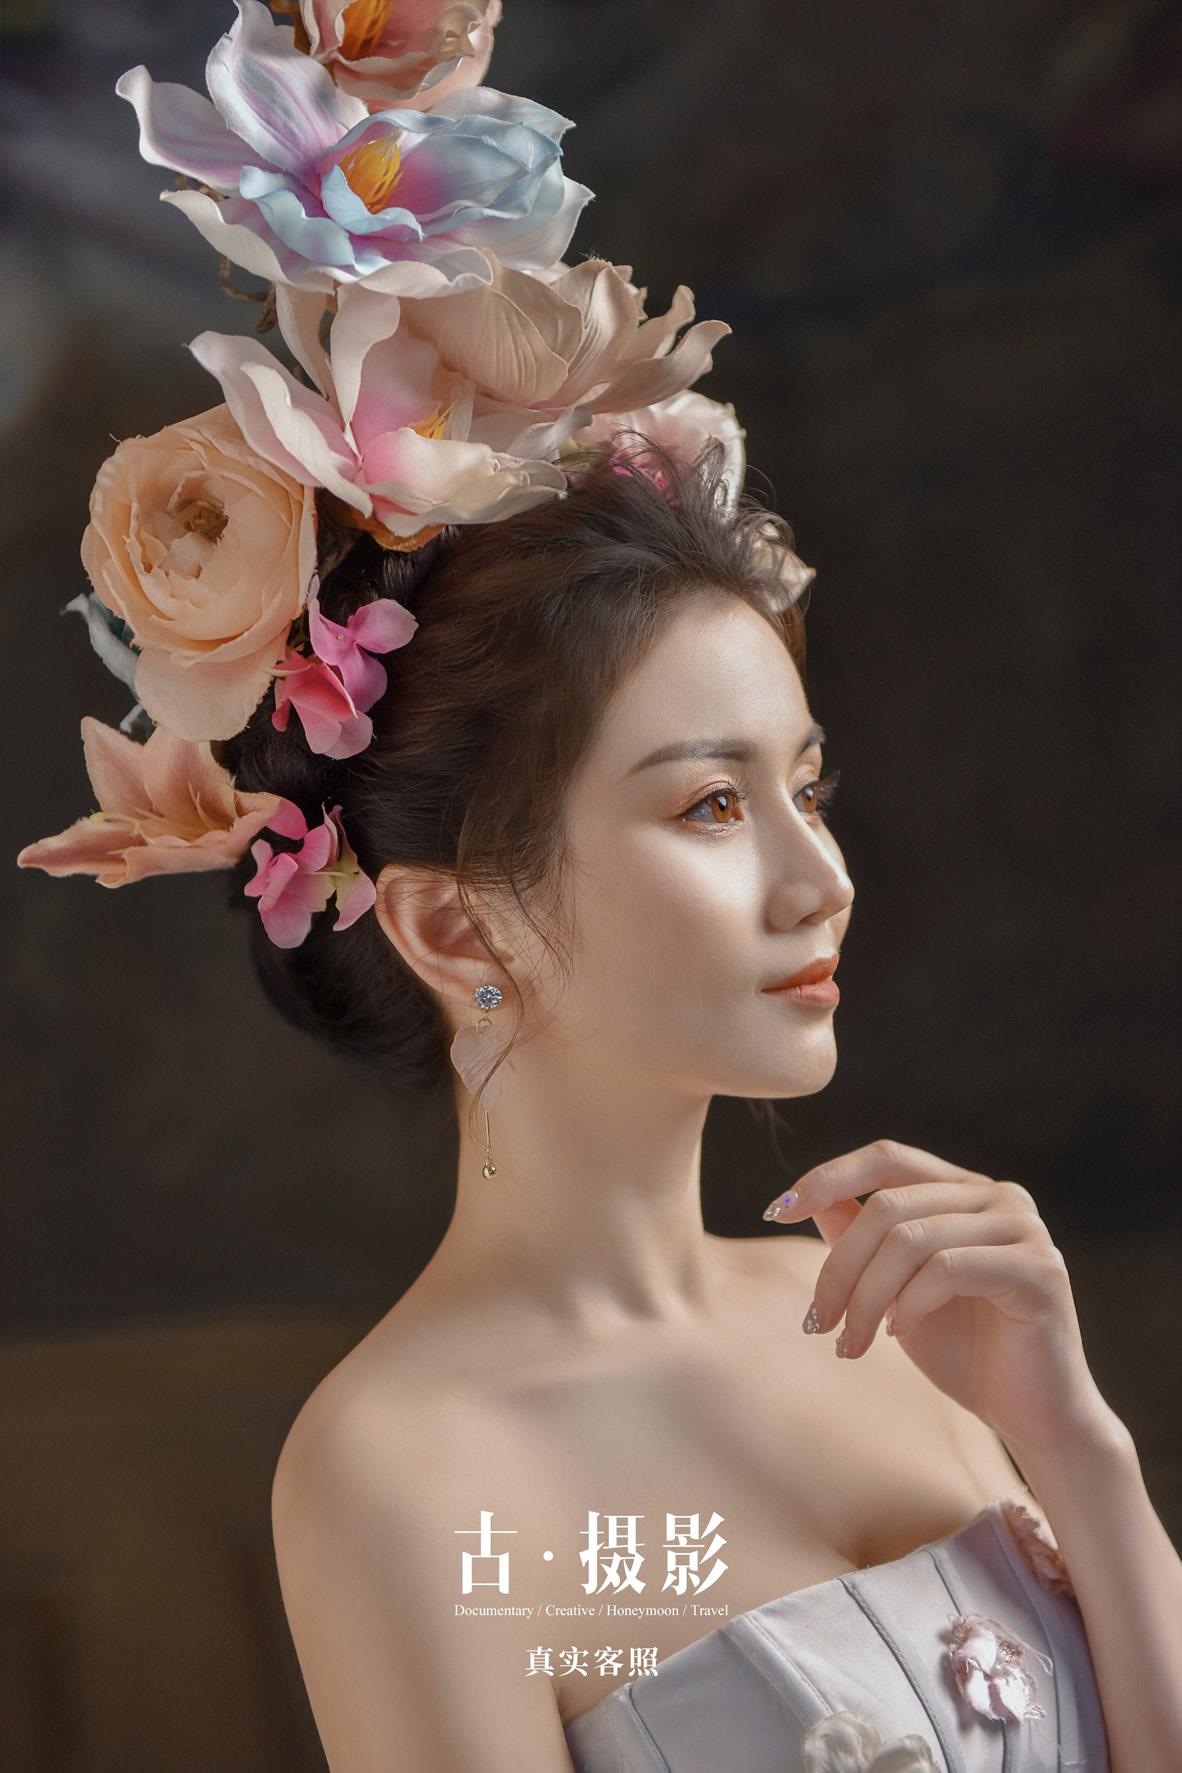 苑小姐夫妇 - 每日客照 - 广州婚纱摄影-广州古摄影官网